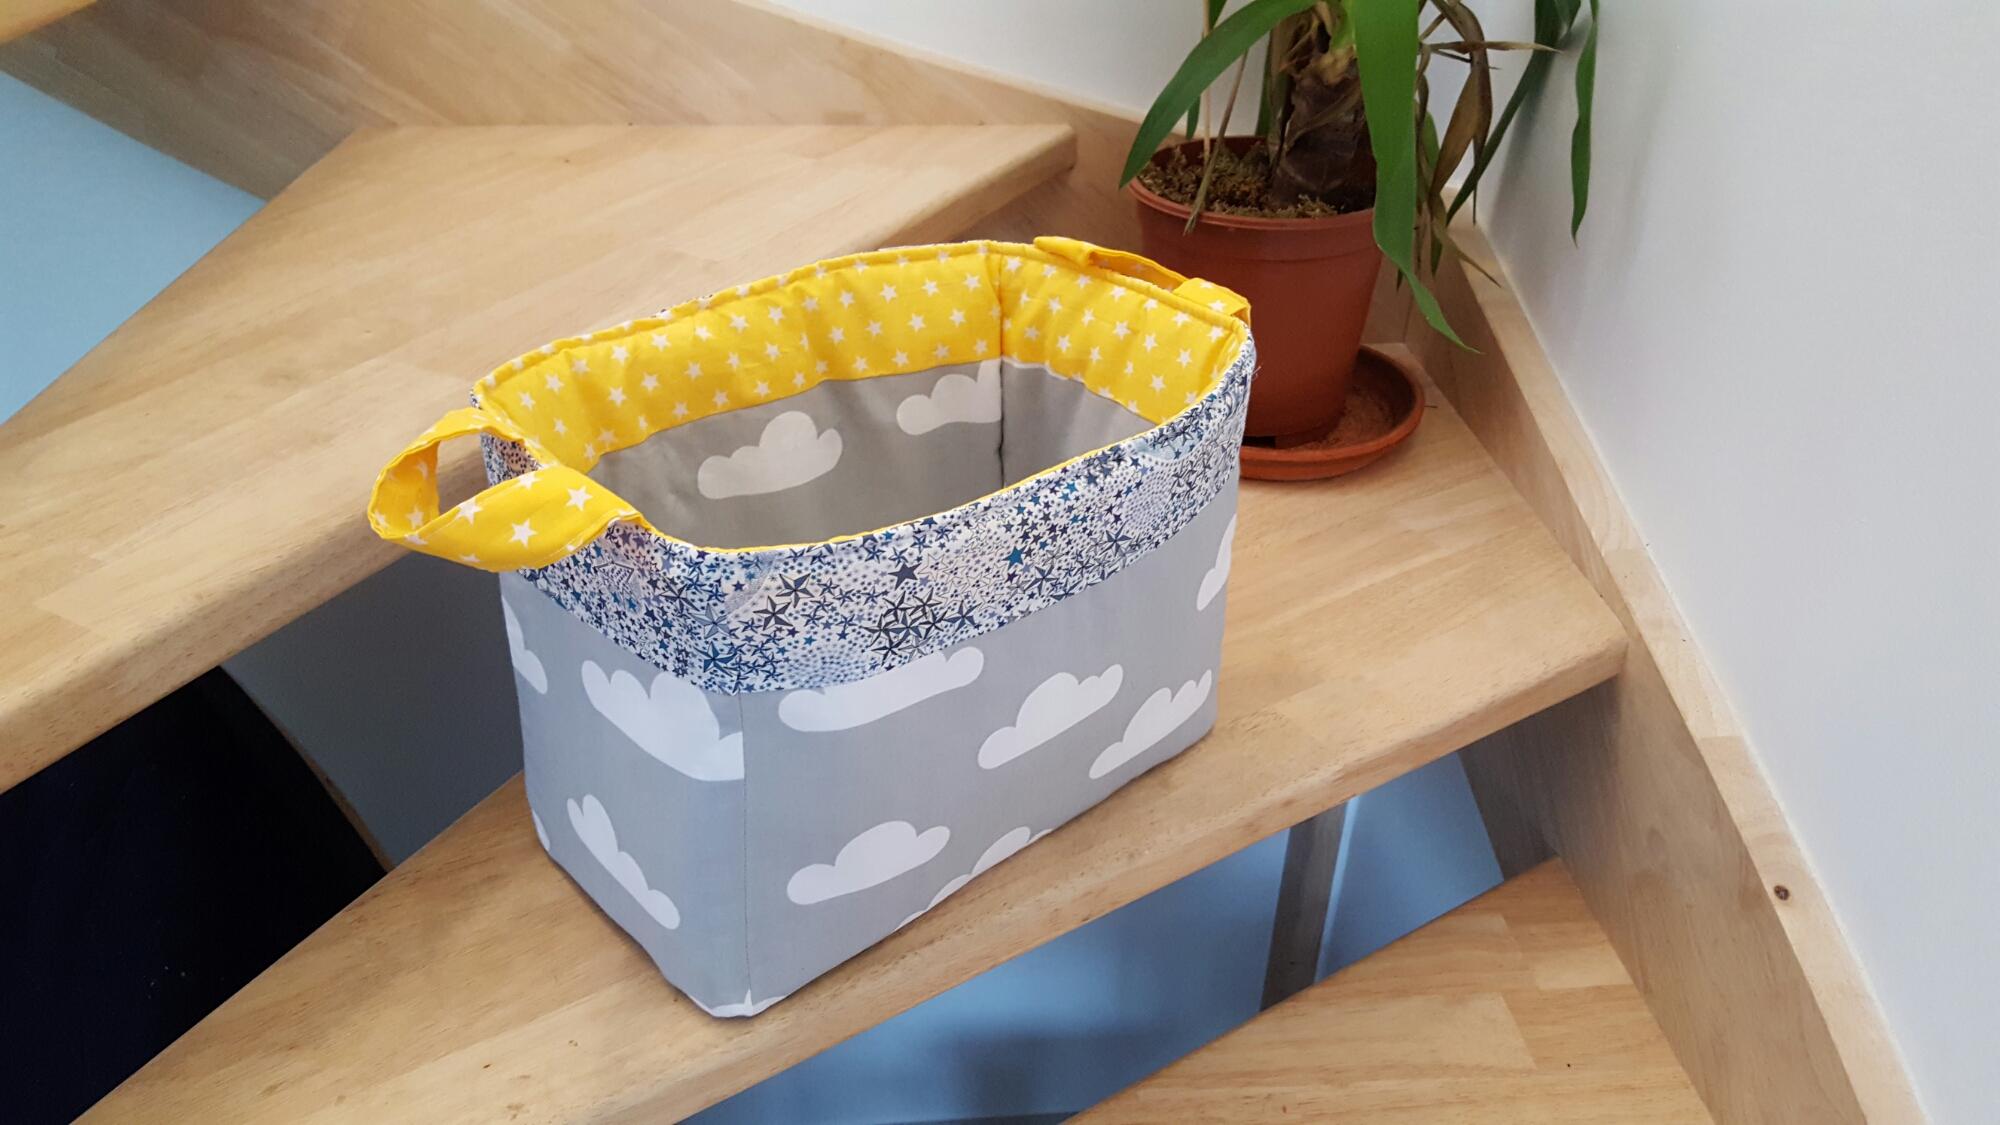 Les pani res de rangements lilye co for Tissu pour chambre bebe